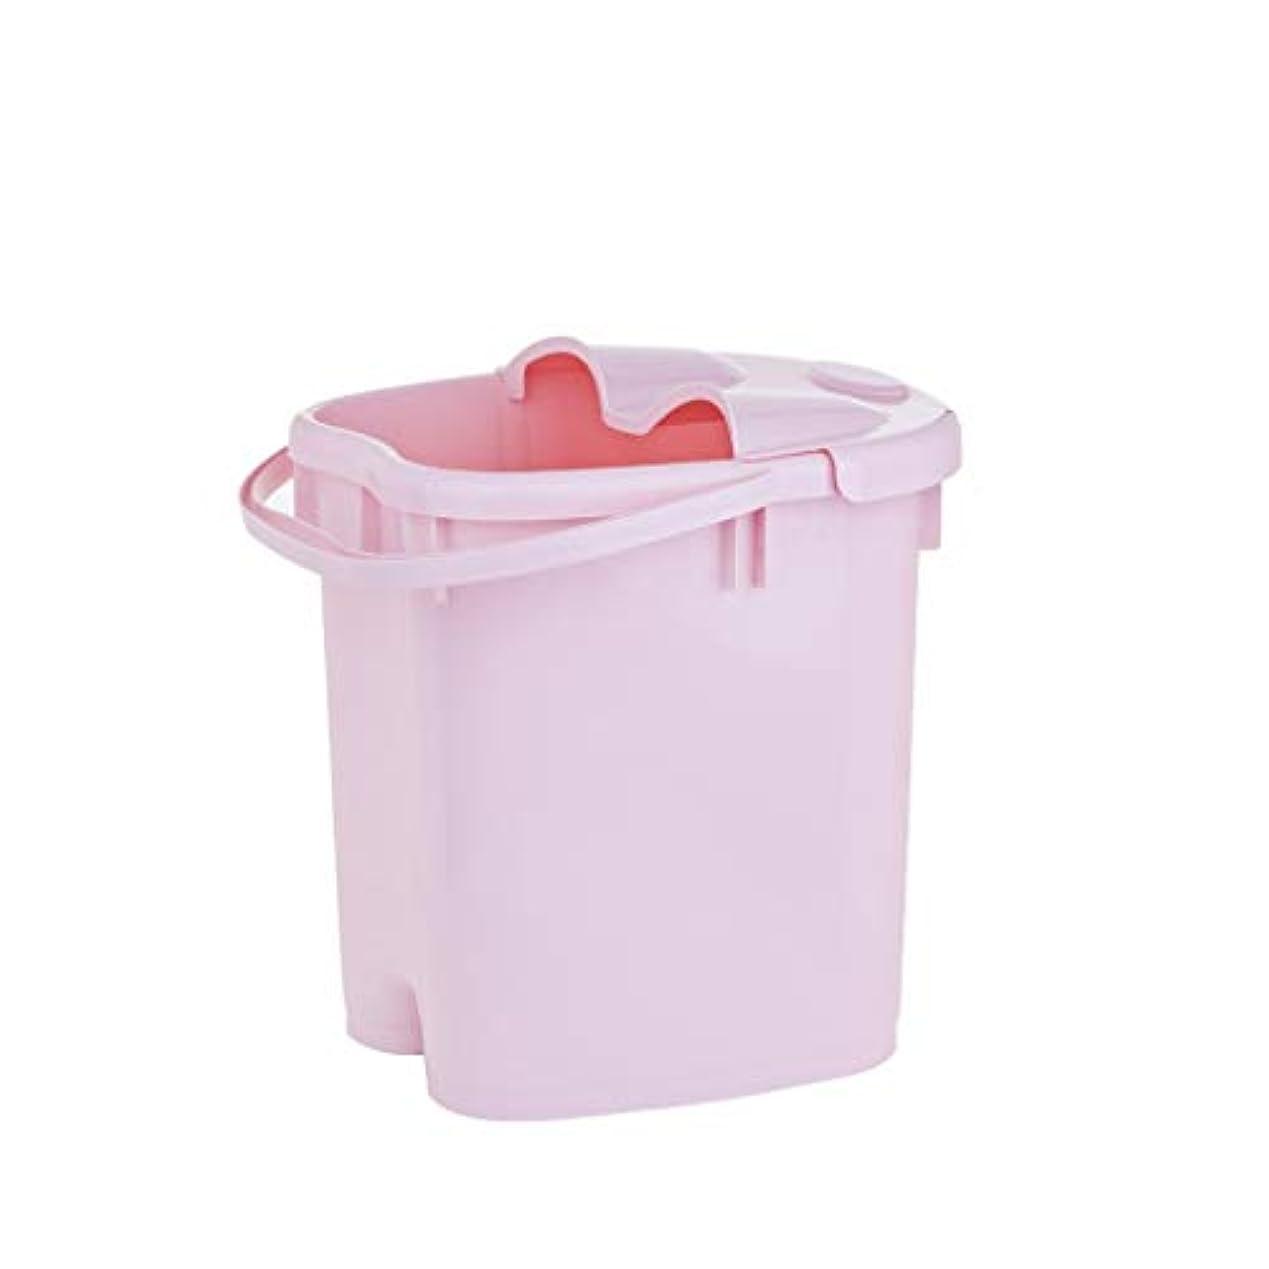 表向きはげパプアニューギニアフットバスバレル- ?AMT携帯用高まりのマッサージの浴槽のふたの熱保存のフィートの洗面器の世帯が付いている大人のフットバスのバケツ Relax foot (色 : Pink, サイズ さいず : 39cm high)